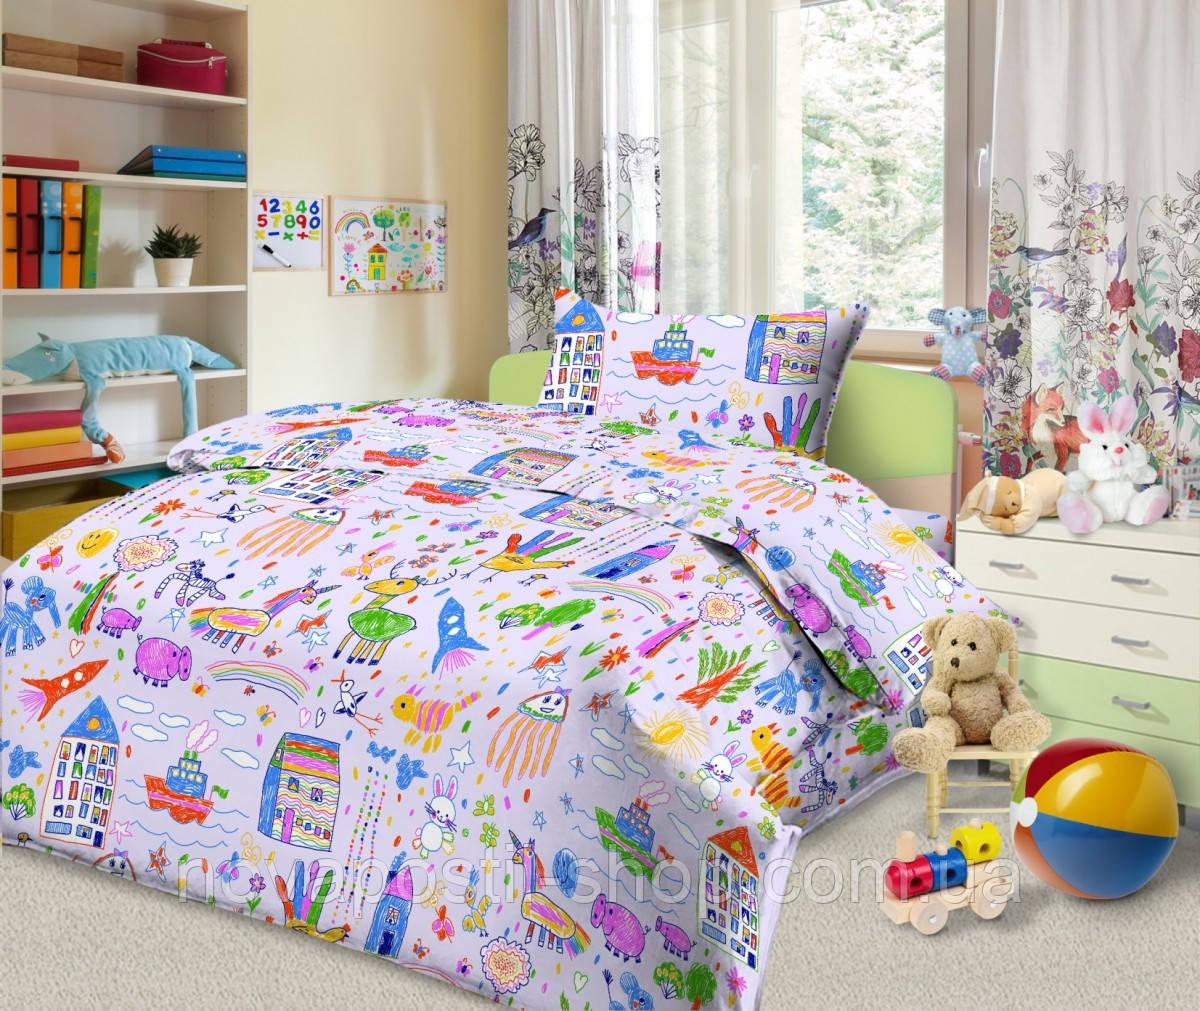 Комплект постельного белья Каляка-Маляка (подростковый)